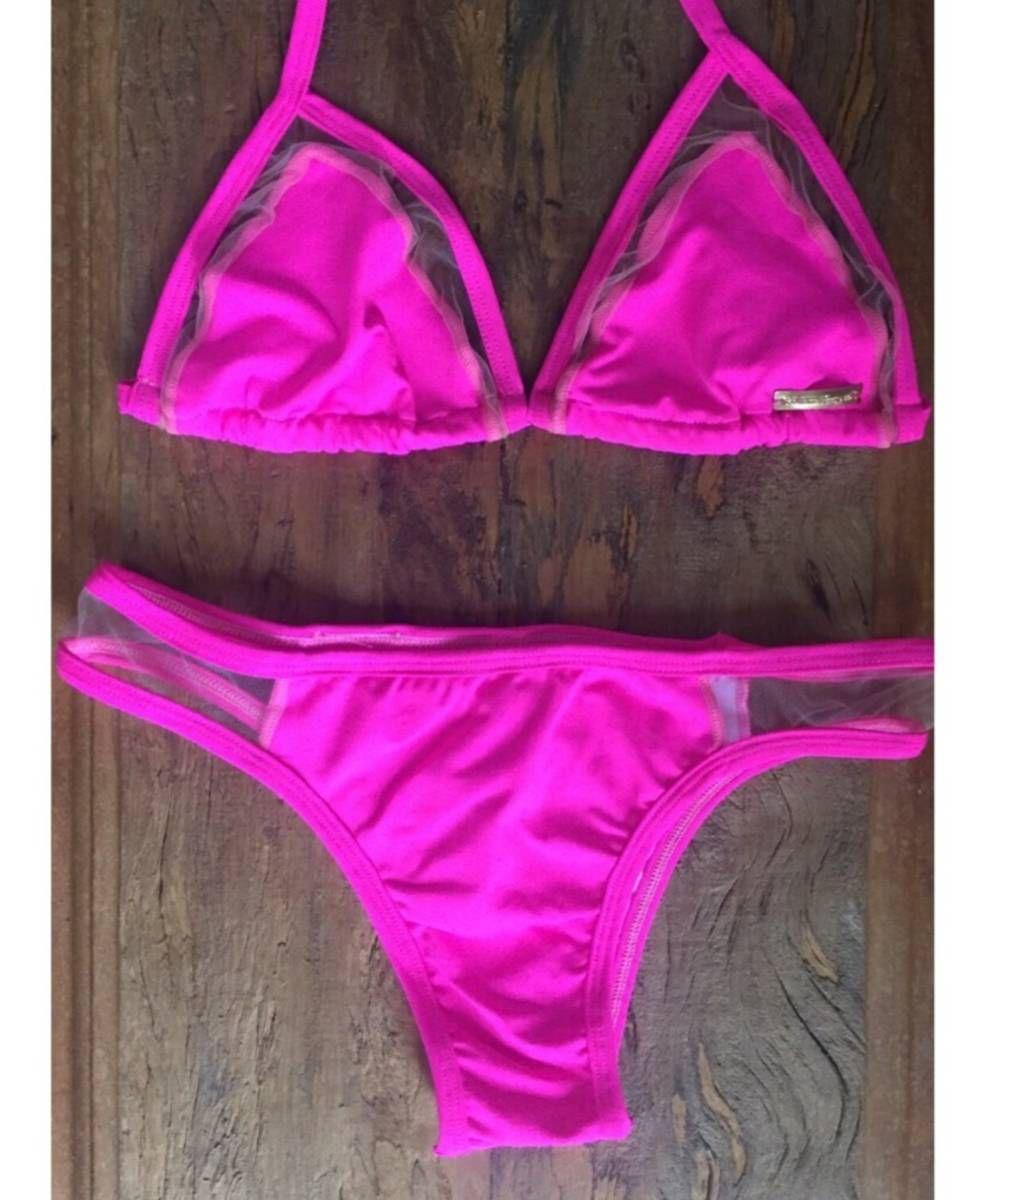 5ba44d70f0f57c Biquini tule neon | Croche | Biquini tule, Biquini e Moda praia feminina